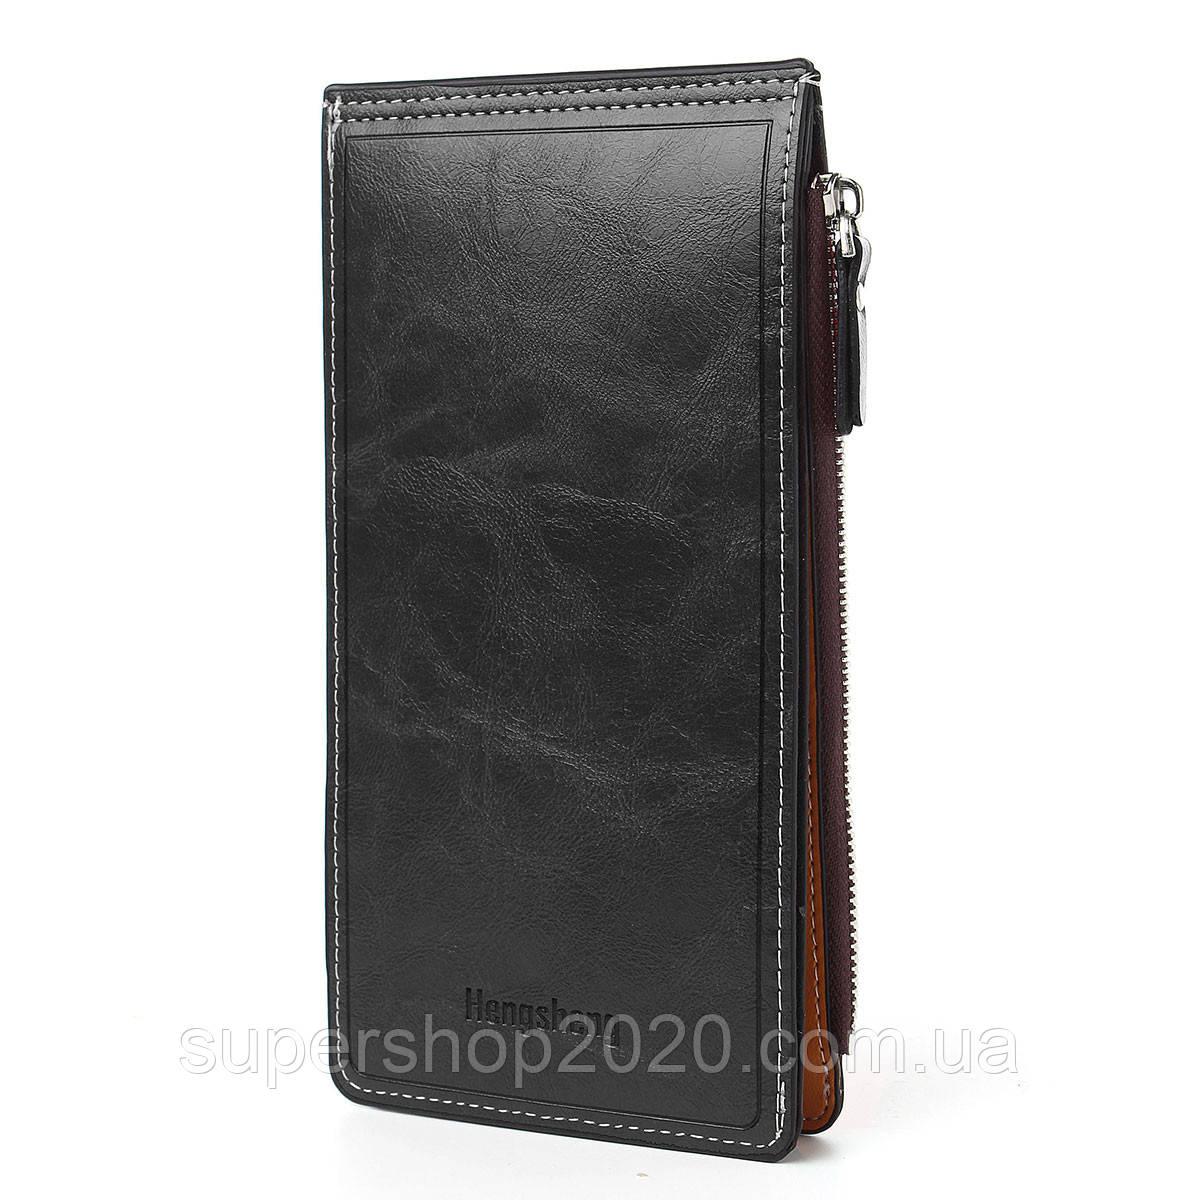 Чоловічий гаманець HENGSHENG